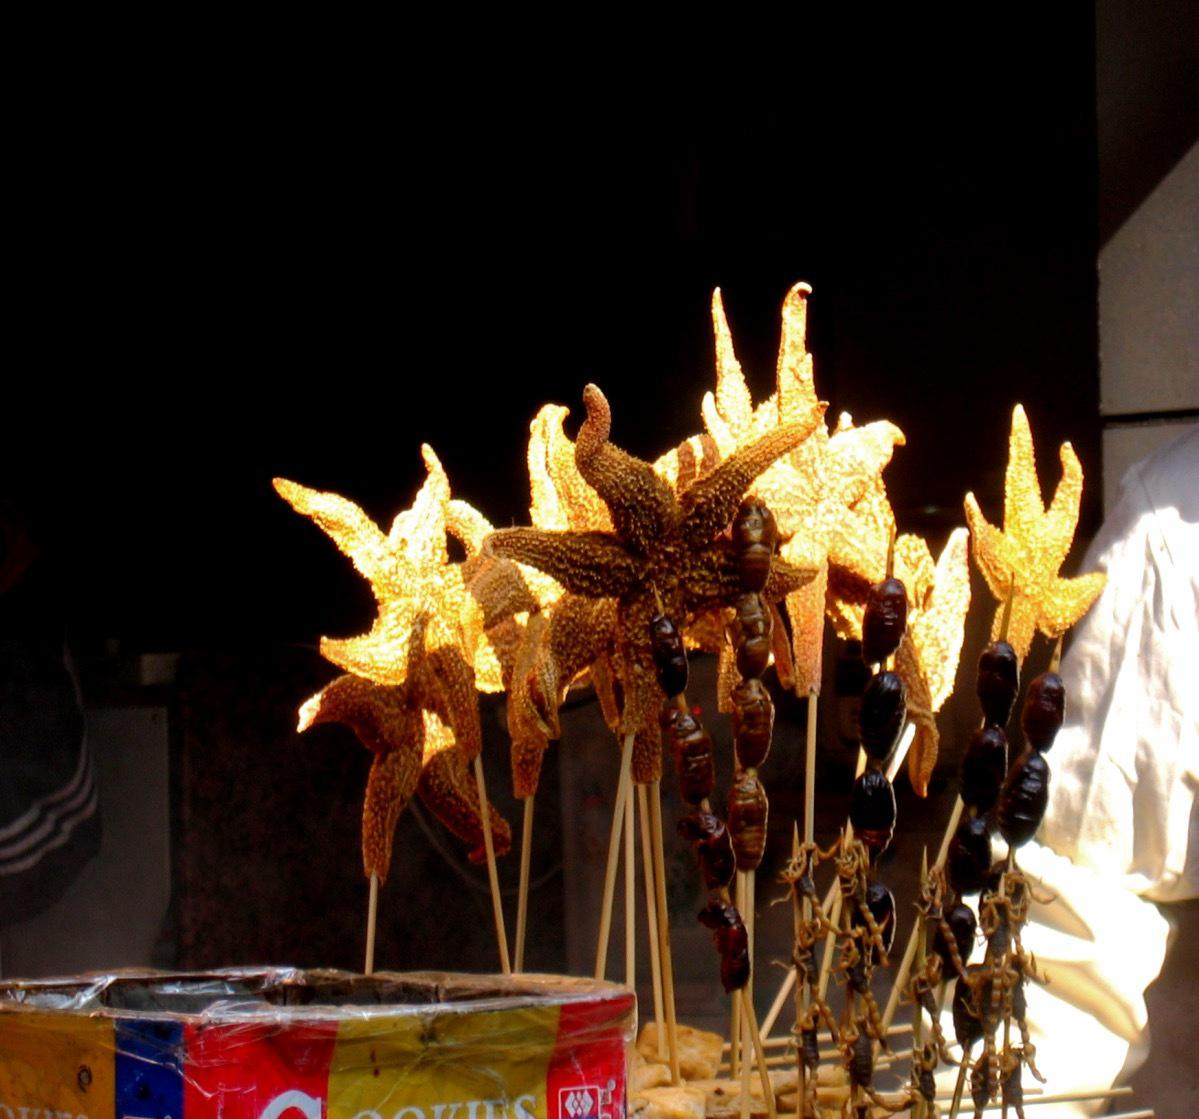 Shanghai Stree Food 3